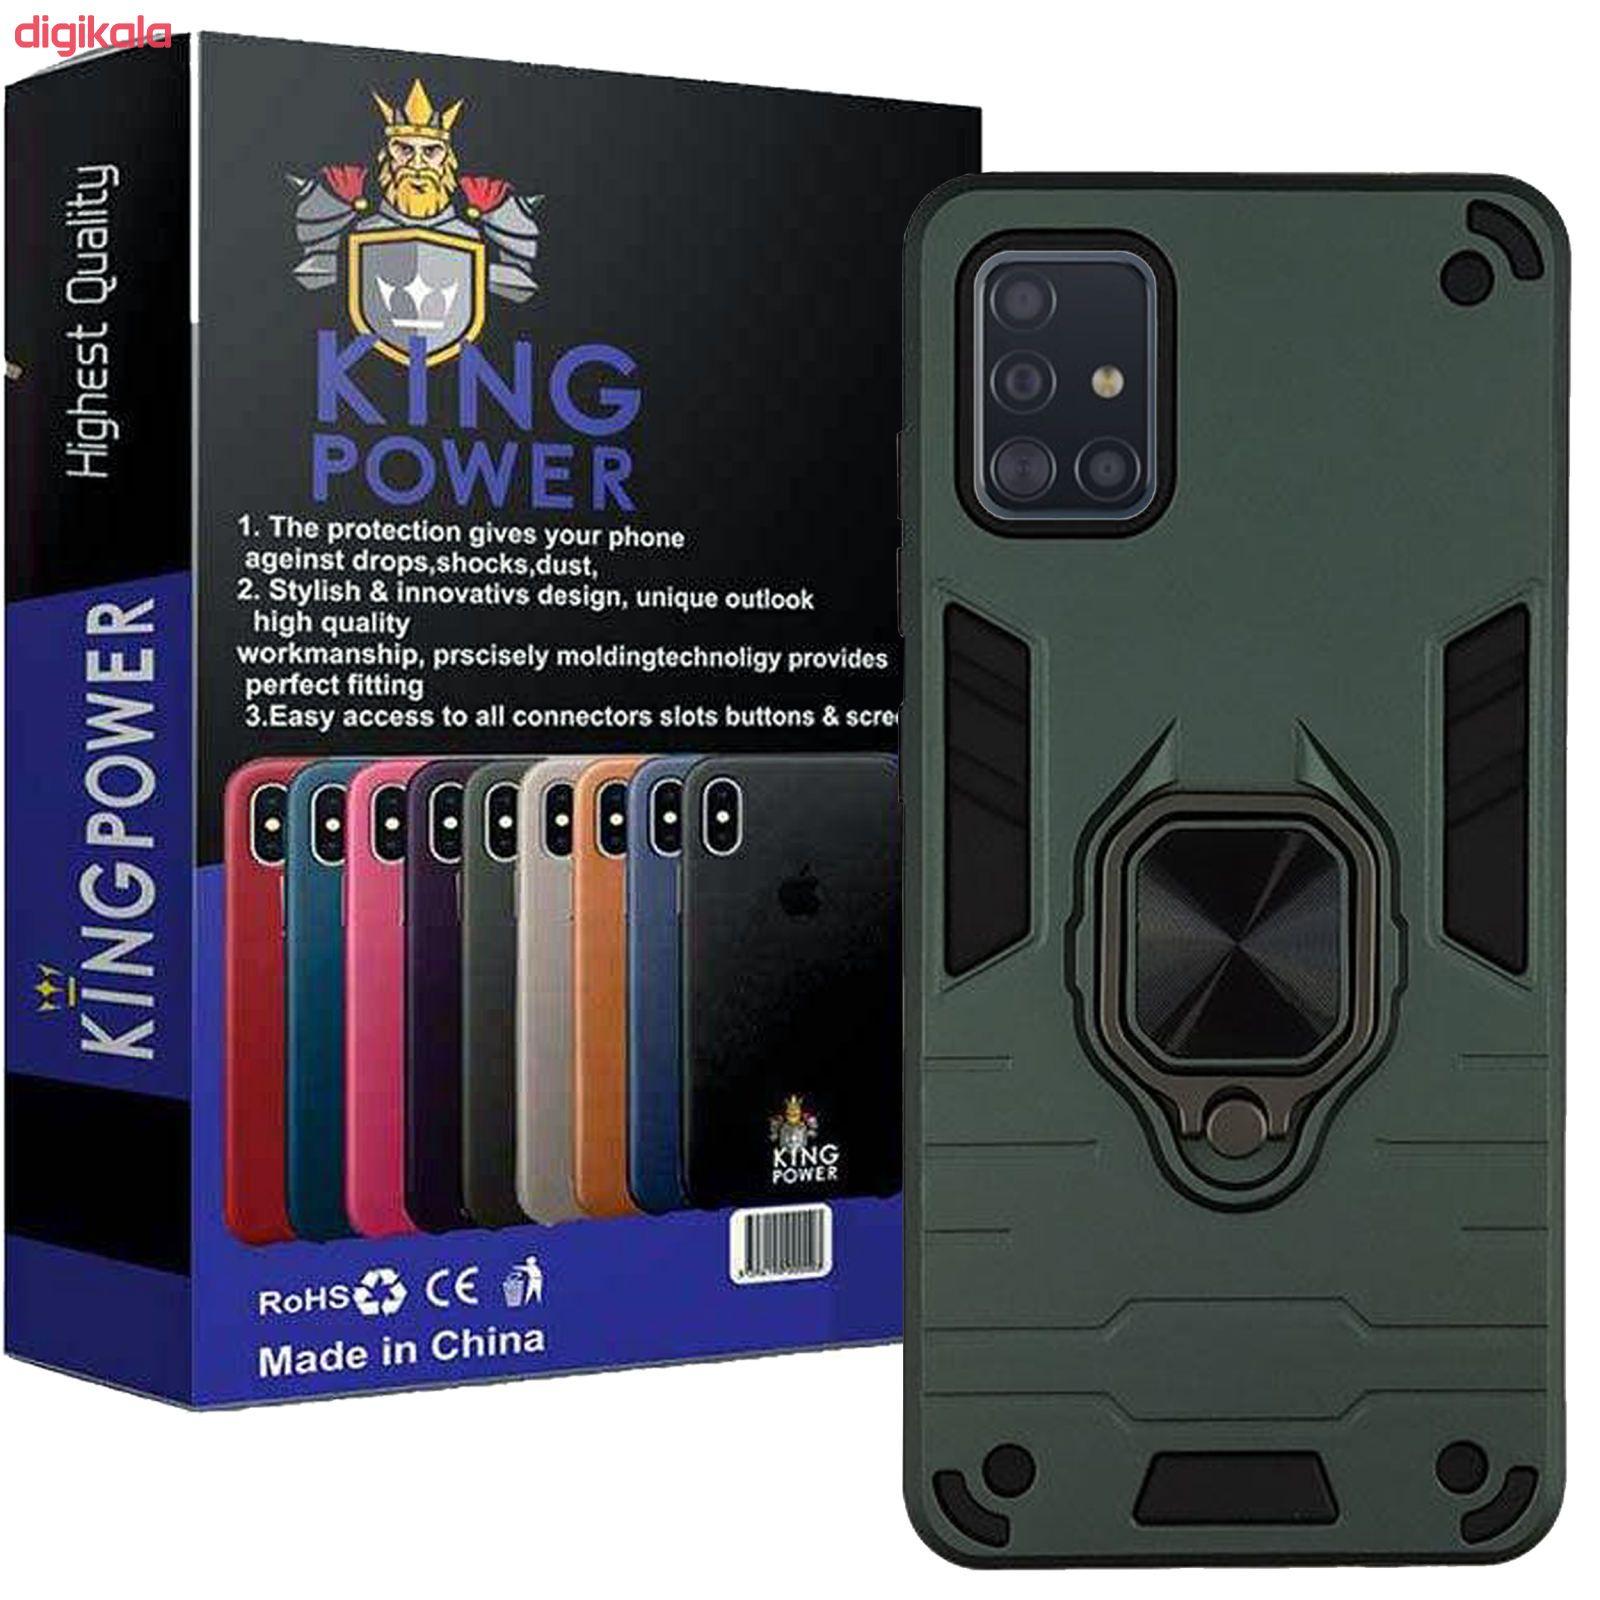 کاور کینگ پاور مدل ASH22 مناسب برای گوشی موبایل سامسونگ Galaxy A31 main 1 2